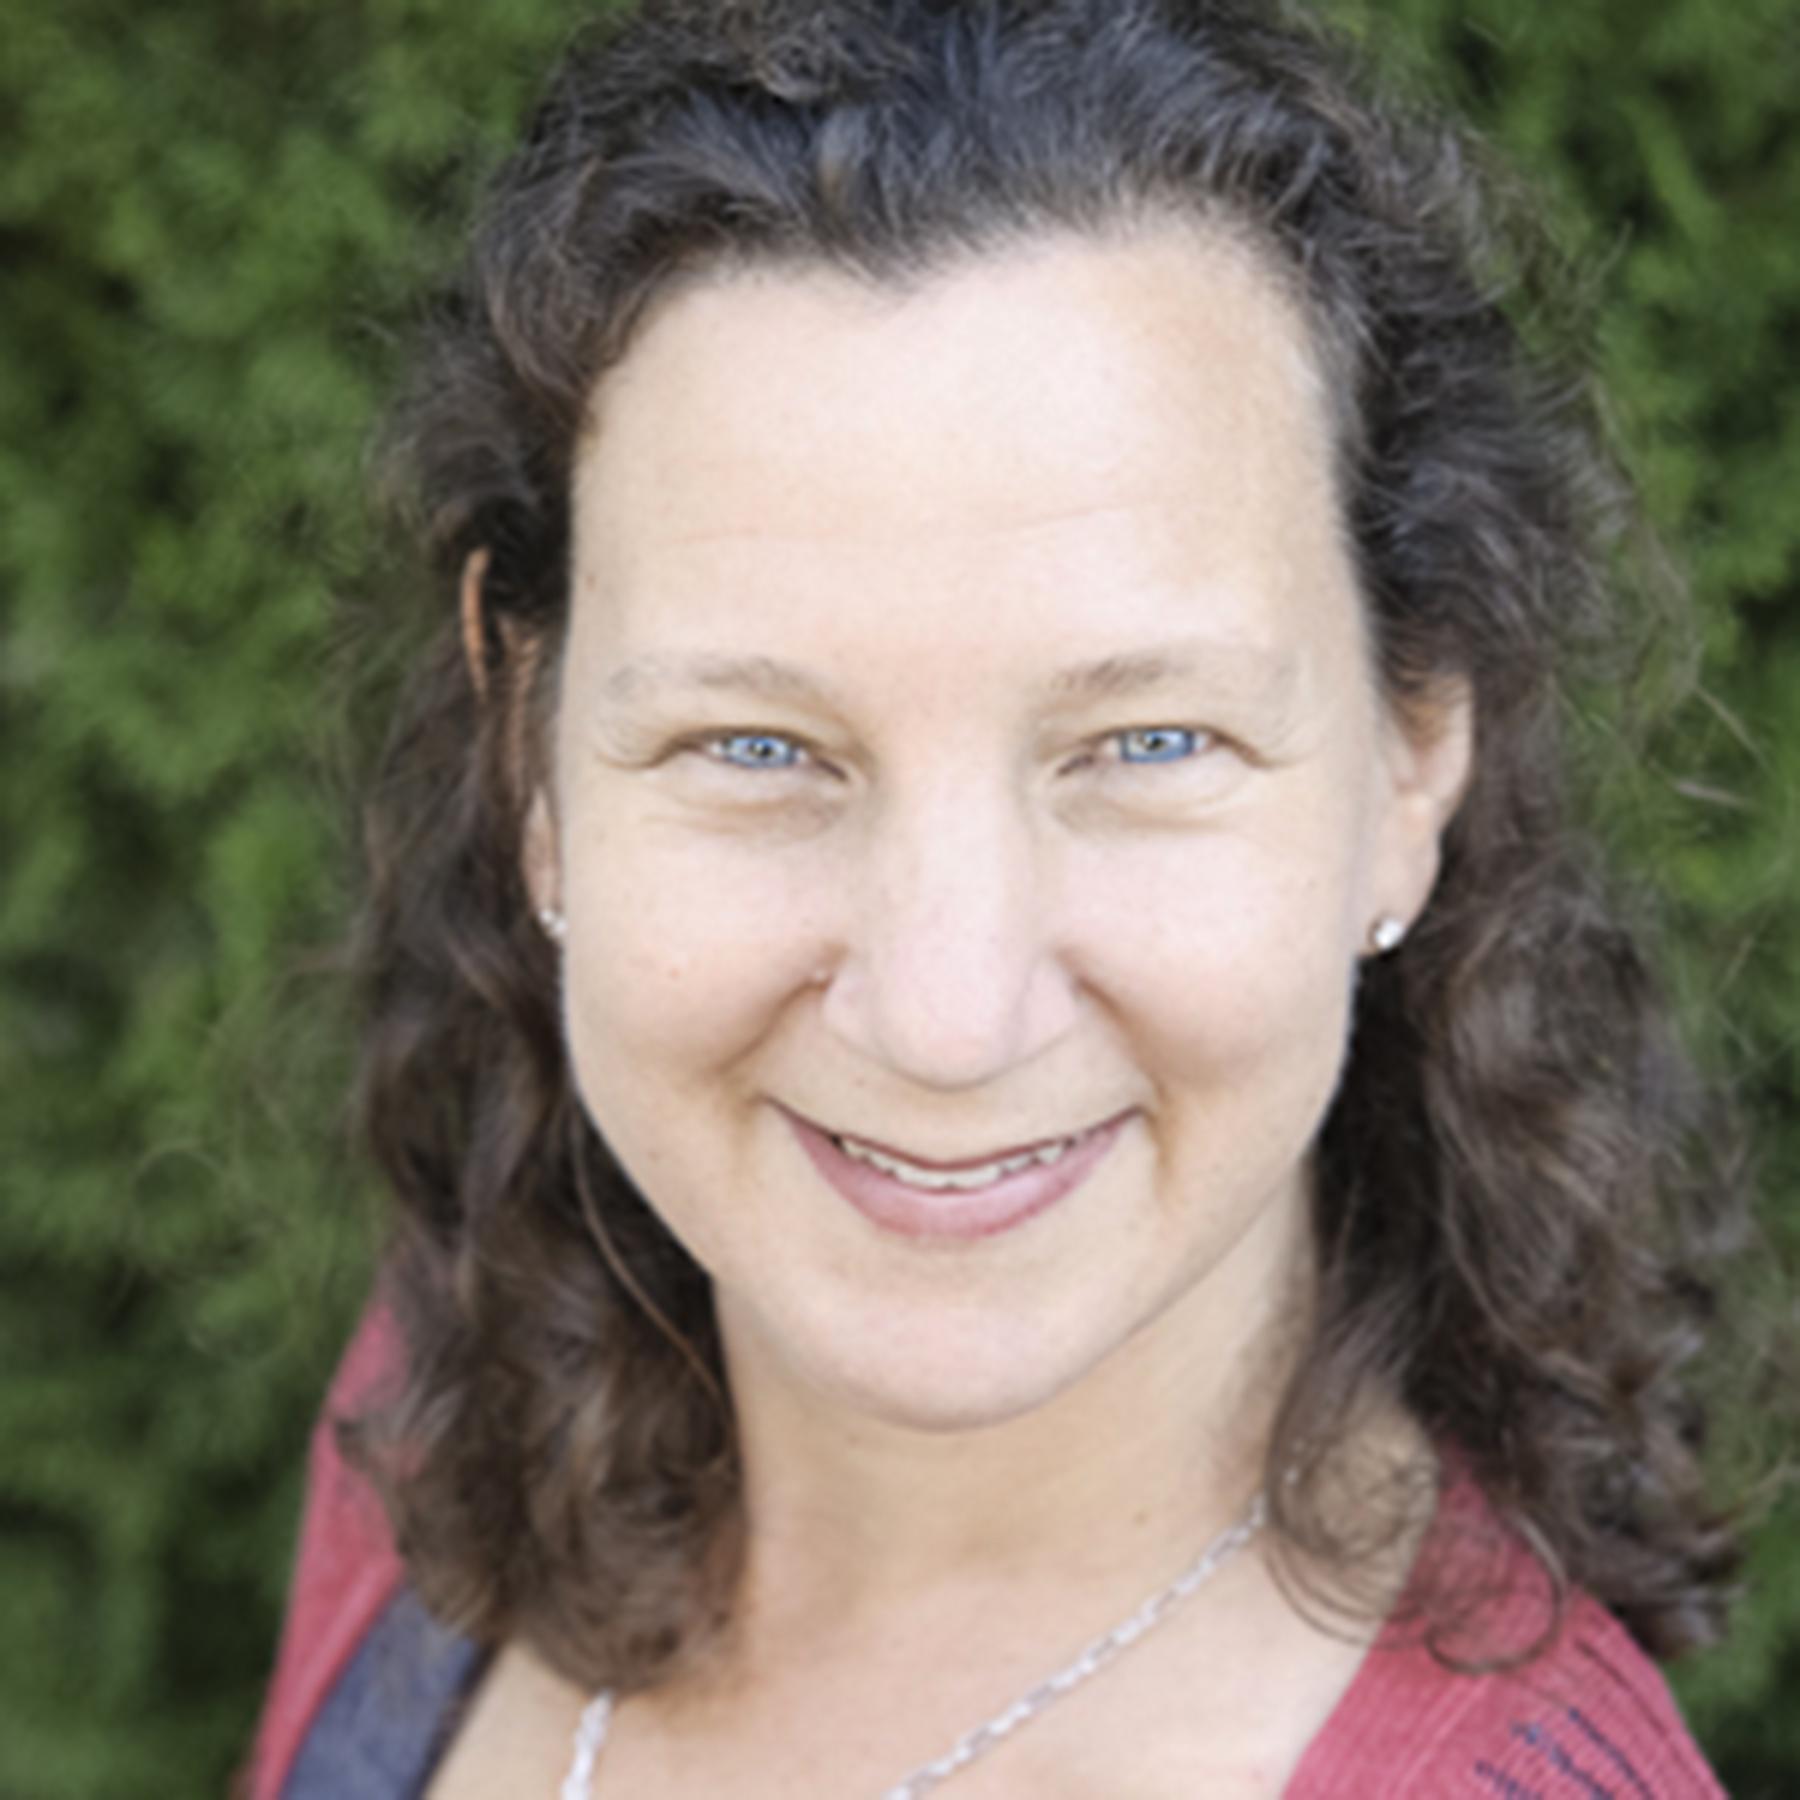 Jennifer Ablow